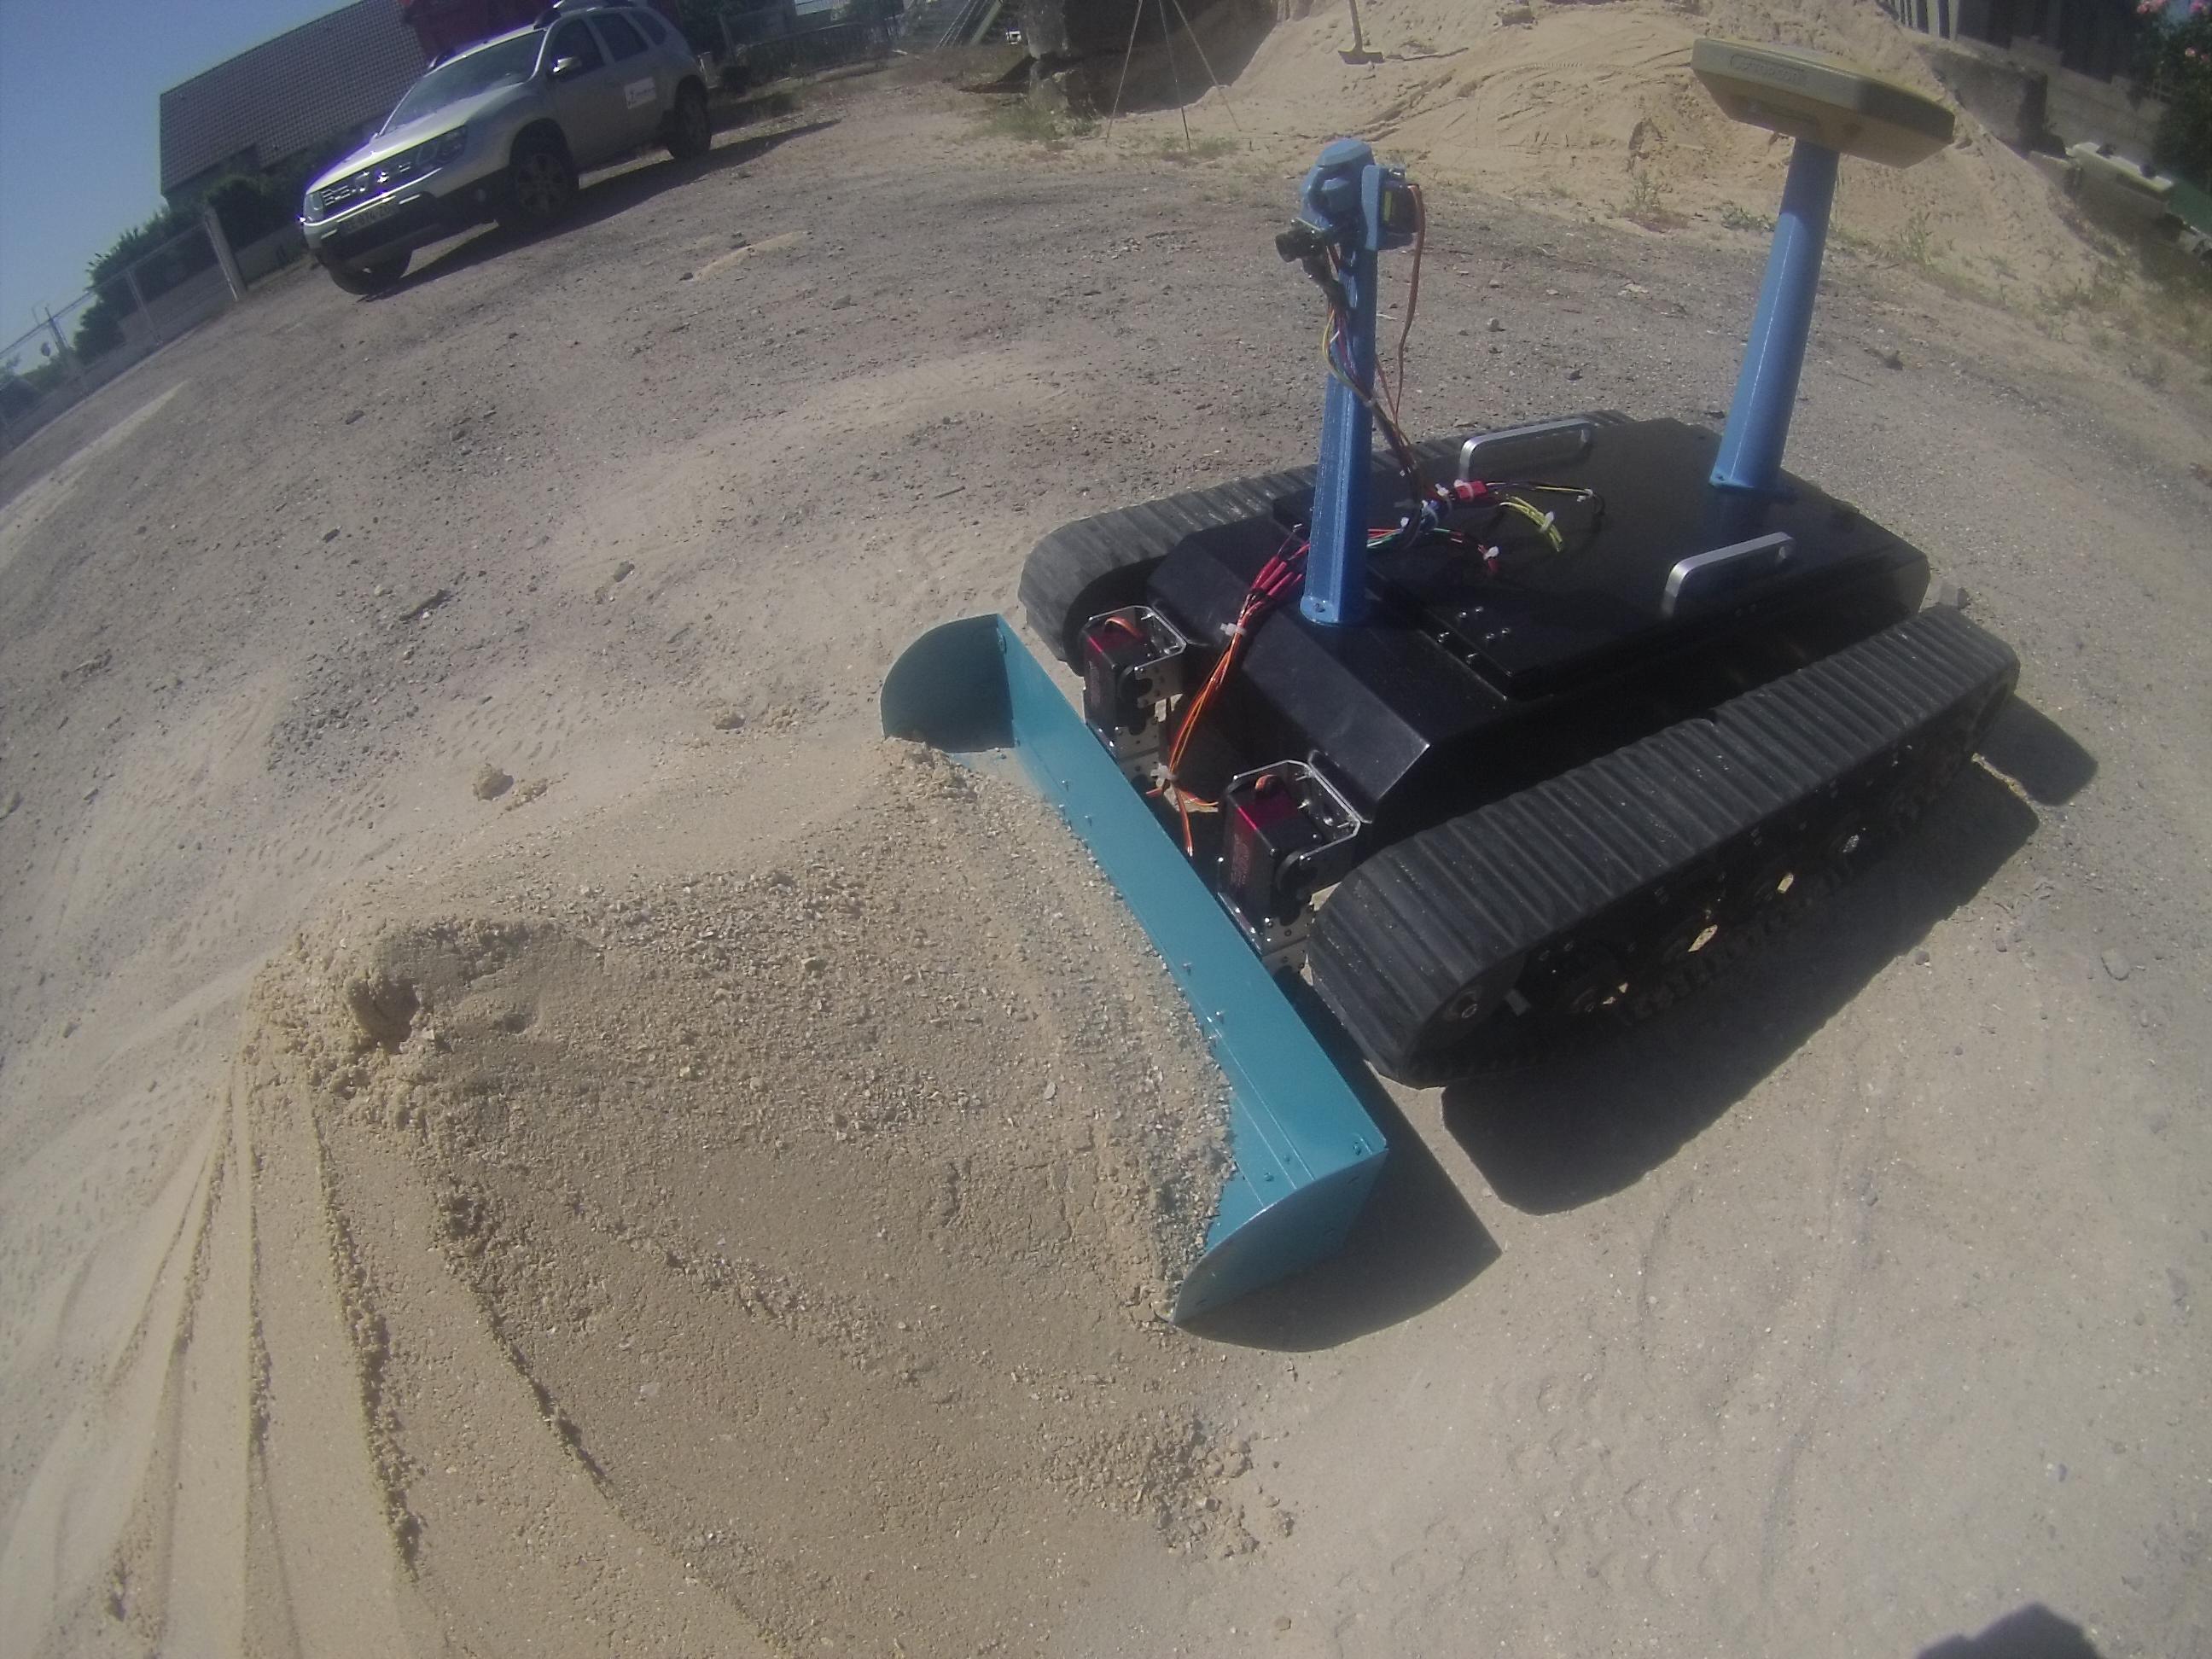 P7-ENTREE DU ROBOT DANS SABLE.JPG